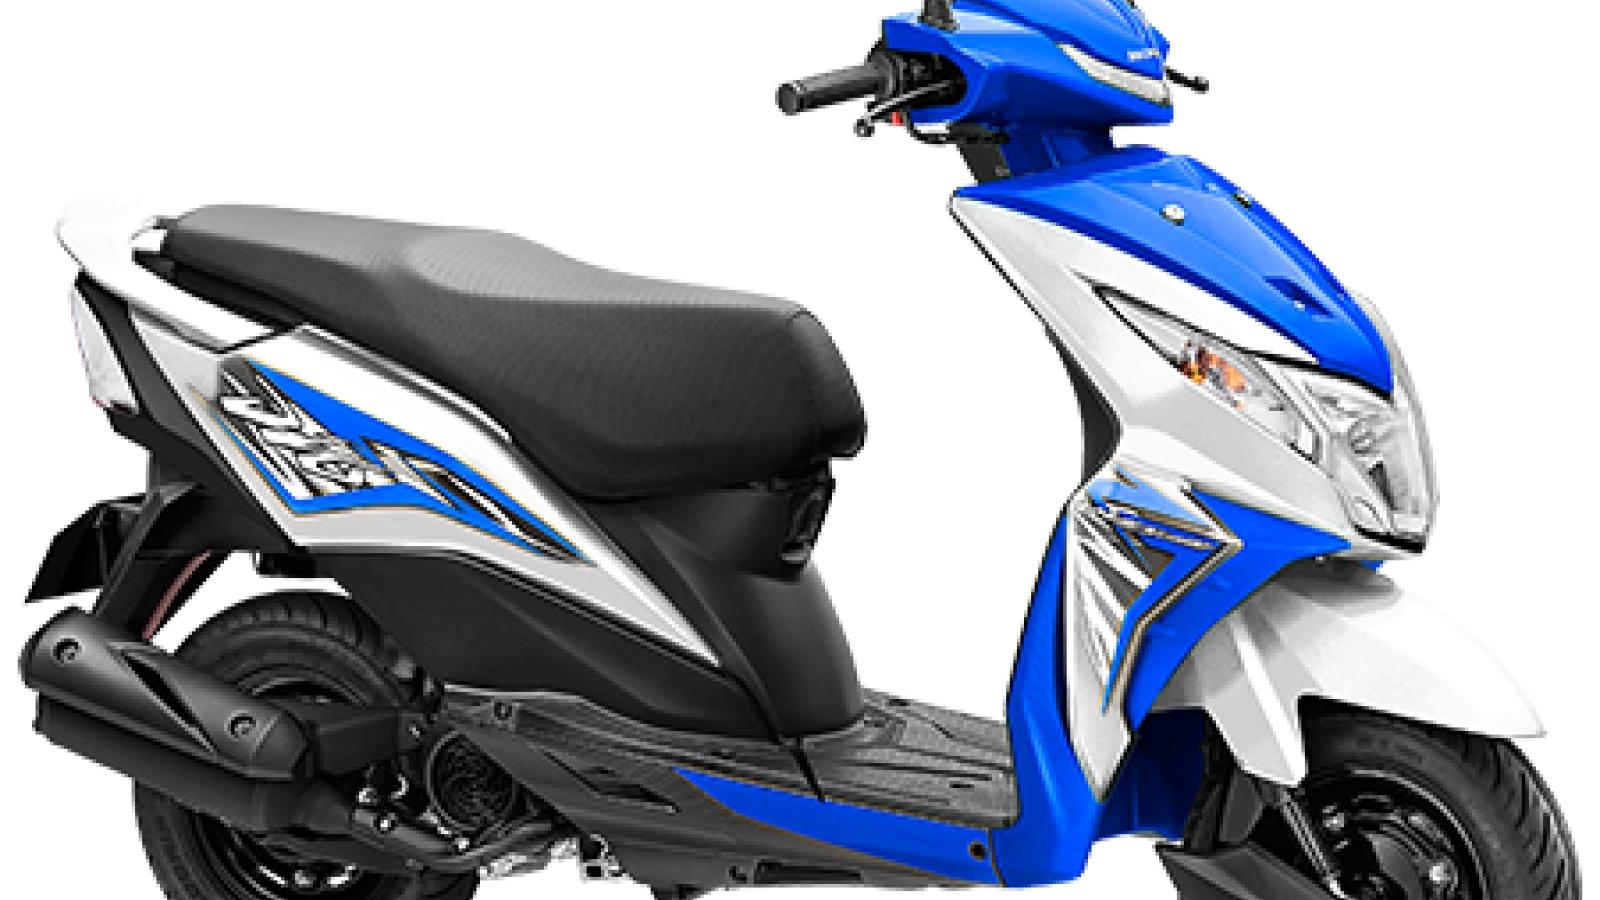 Xe tay ga giá rẻ Honda Dio 2021 giá chỉ từ 24 triệu đồng